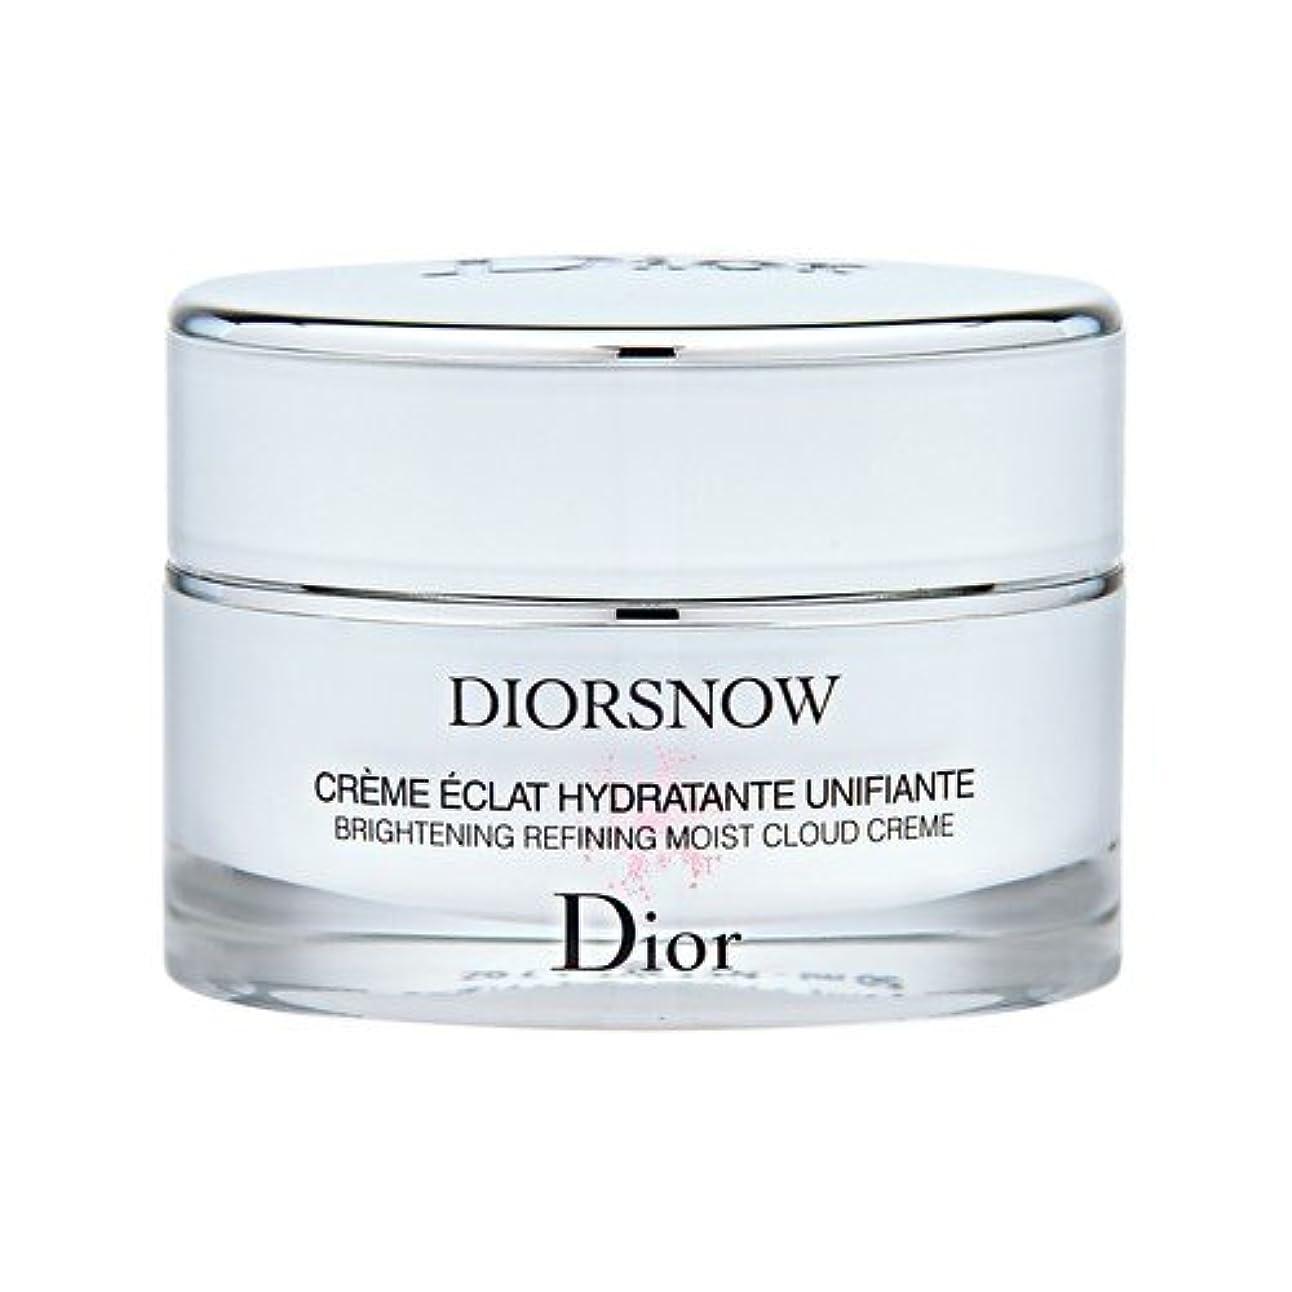 産地天気グローバルクリスチャン ディオール(Christian Dior) スノー ブライトニング モイスト クリーム 50ml[並行輸入品]